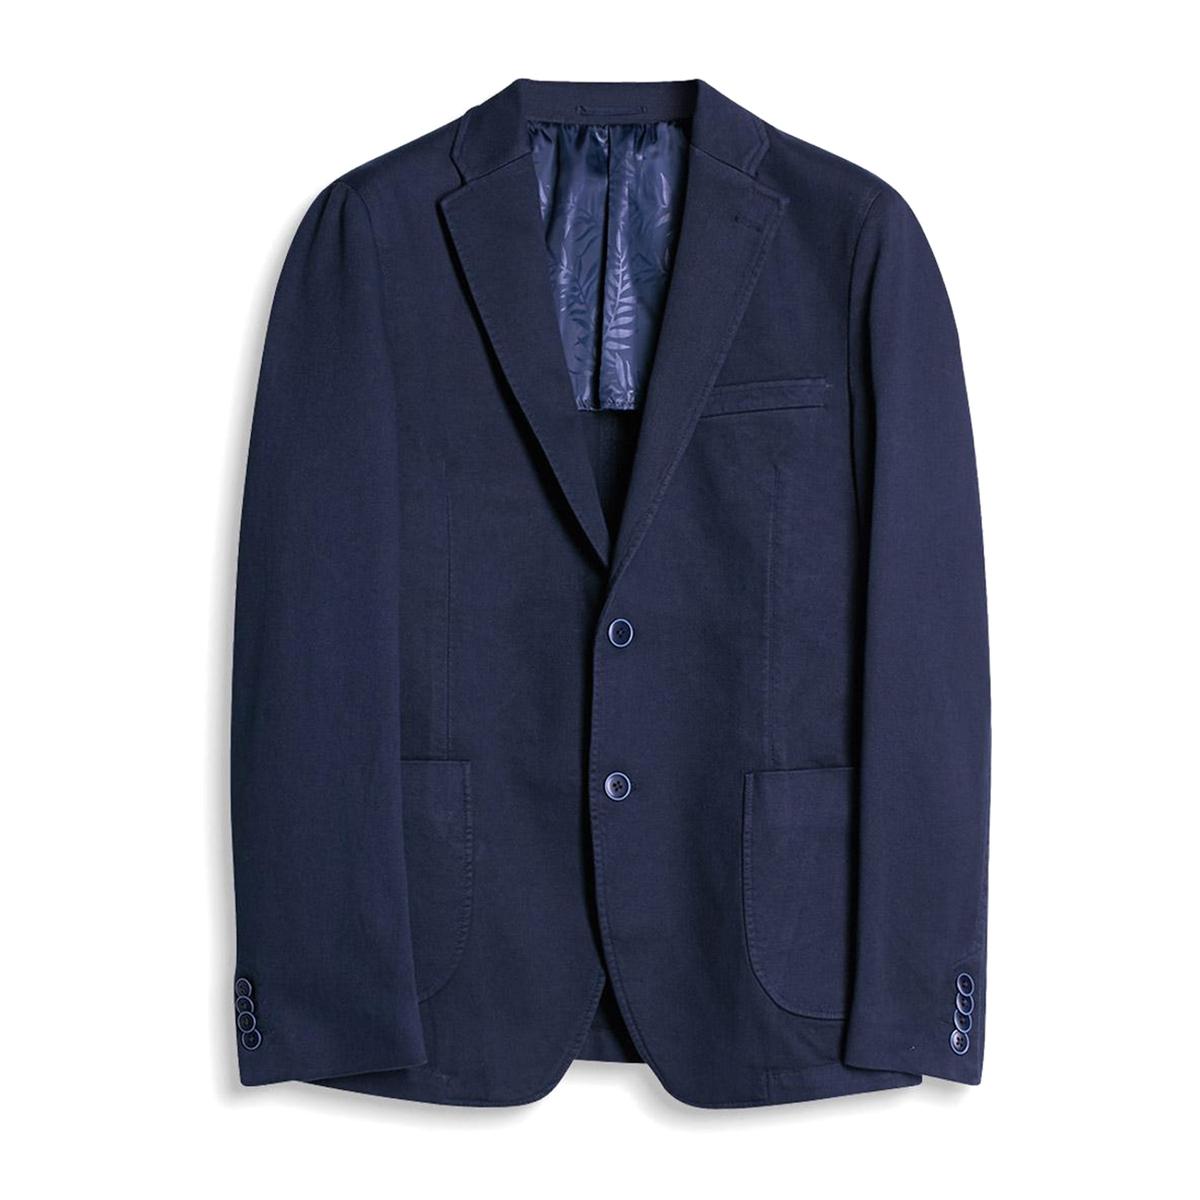 Куртка-блейзерСостав и описание :Материал         98% хлопка, 2% эластанаМарка         ESPRIT Уход :Машинная стирка при 30 °С с вещами схожих цветовСтирать и гладить с изнаночной стороныМашинная сушка в умеренном режимеГладить при низкой температуре<br><br>Цвет: темно-синий